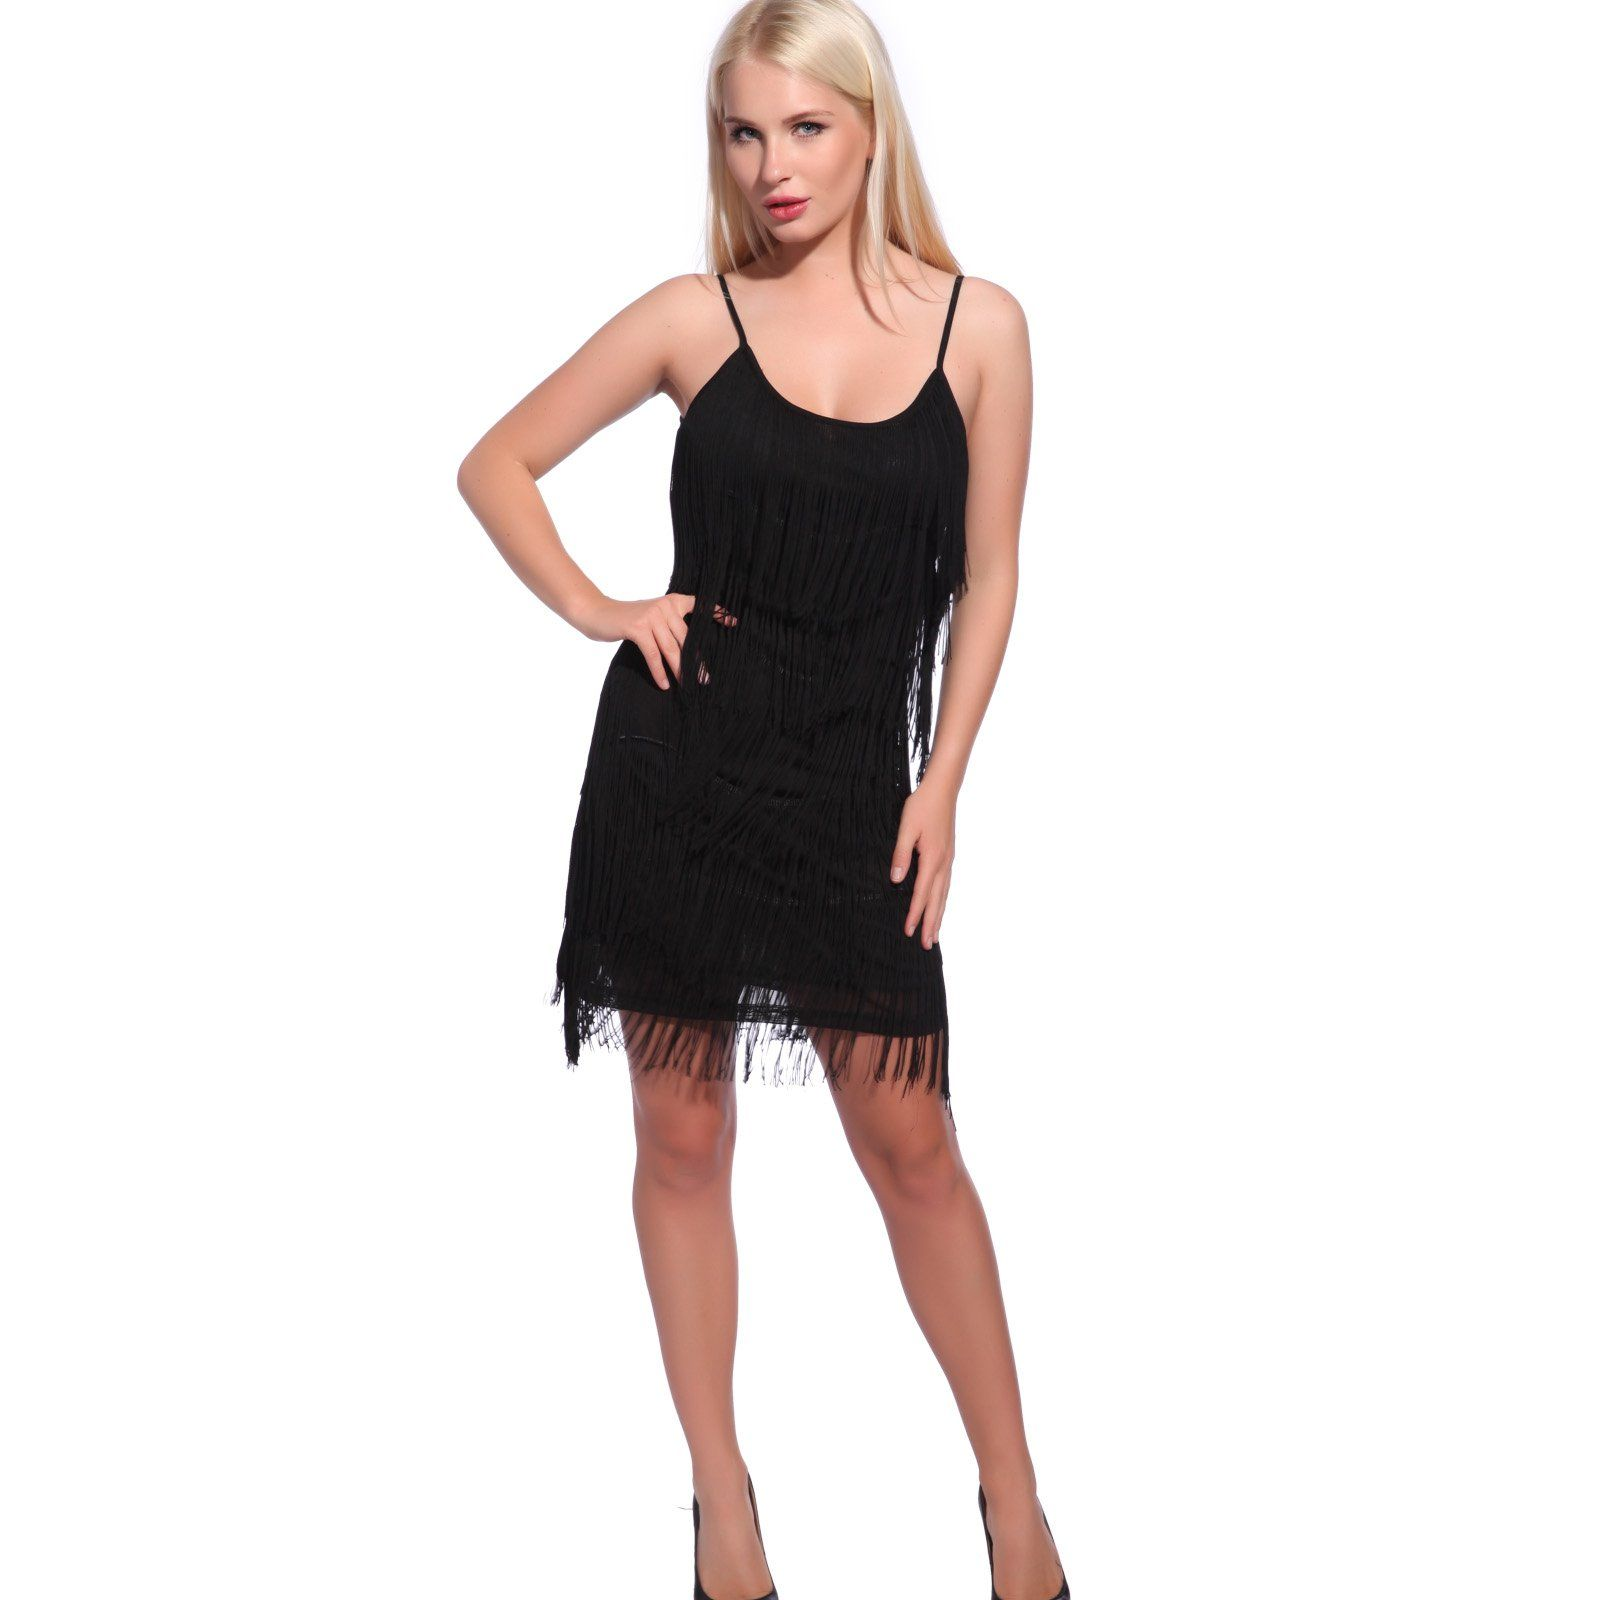 Ausgezeichnet Klappen Partykleid Fotos - Brautkleider Ideen ...